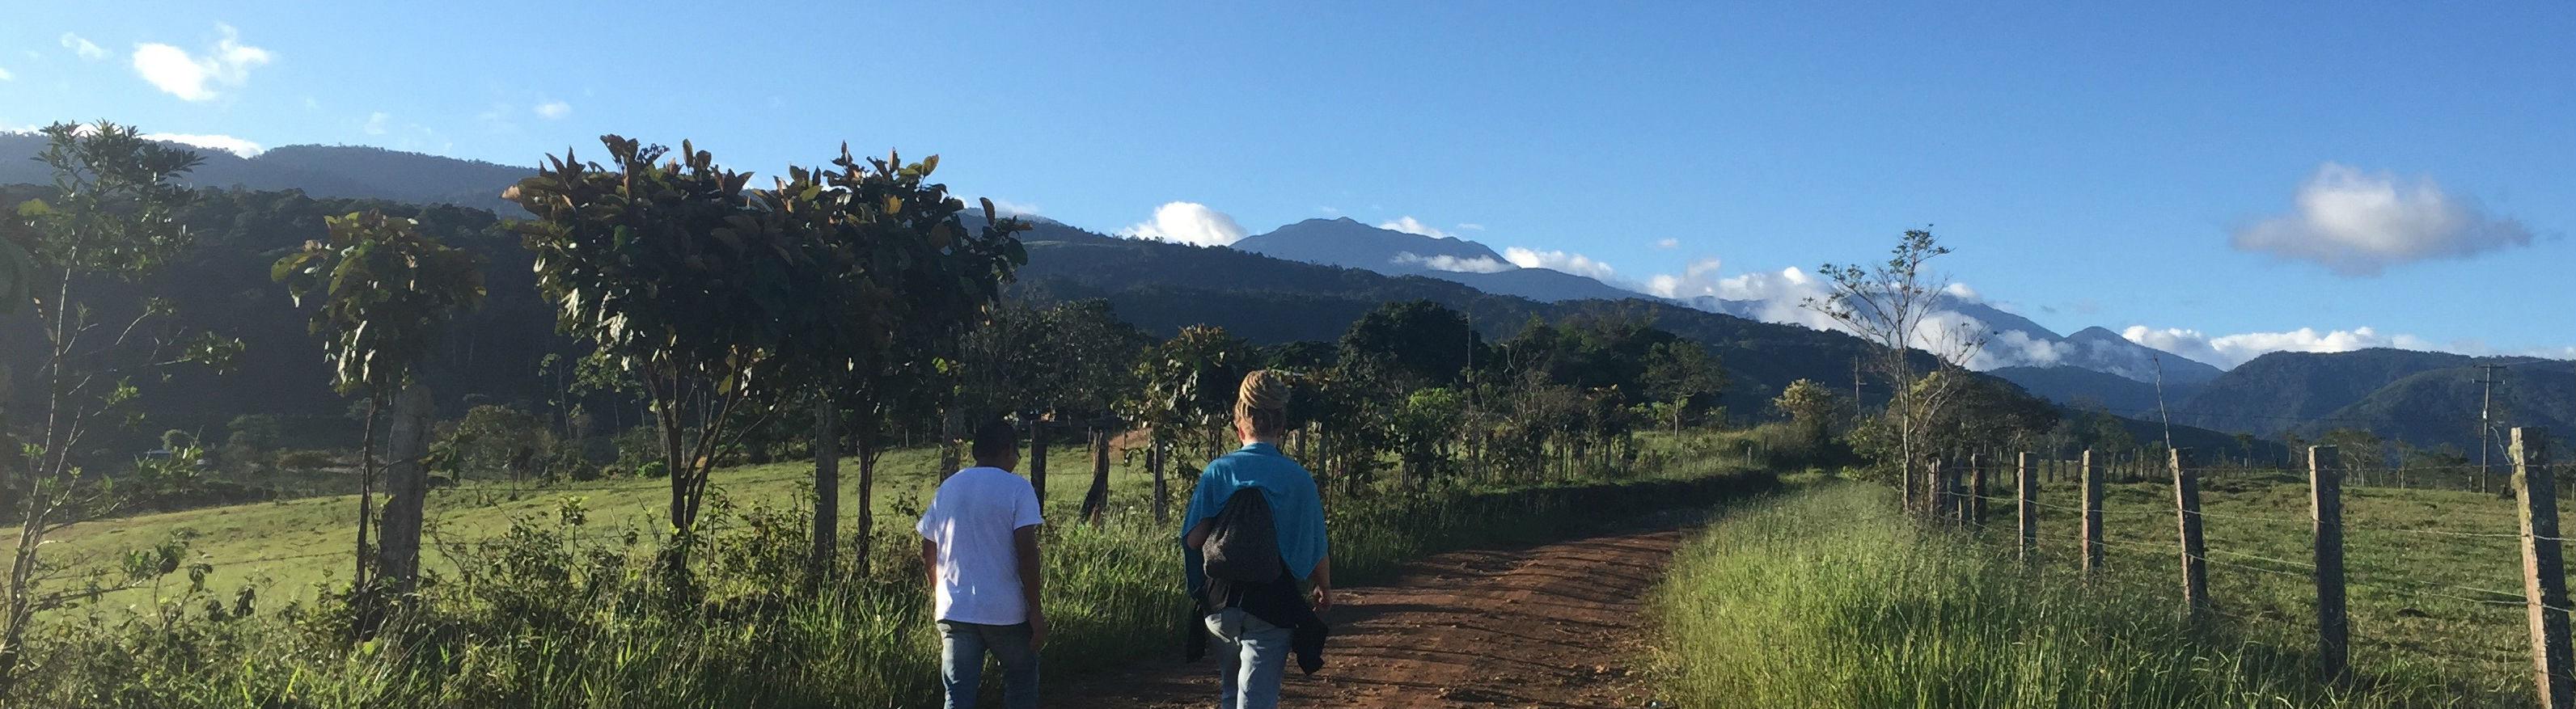 Menschen auf einem Weg in Kolumbien.